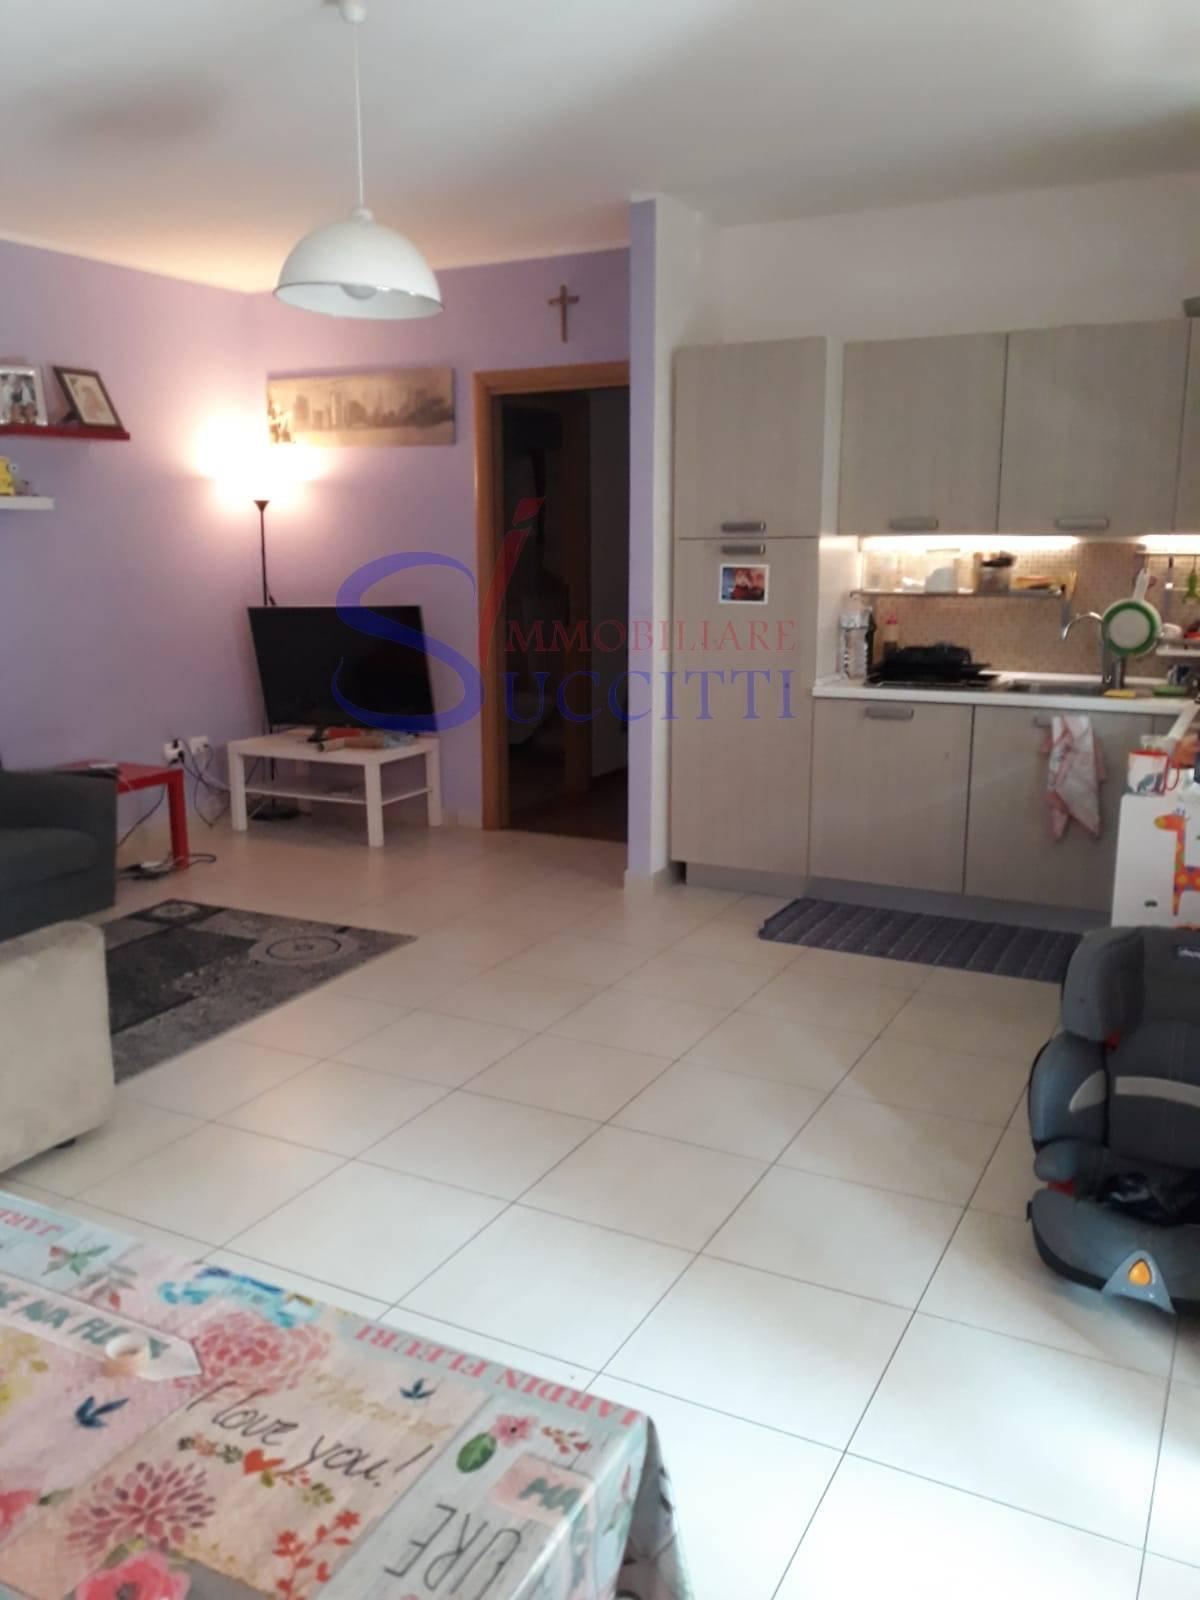 Appartamento in vendita a Giulianova, 3 locali, prezzo € 163.000 | PortaleAgenzieImmobiliari.it